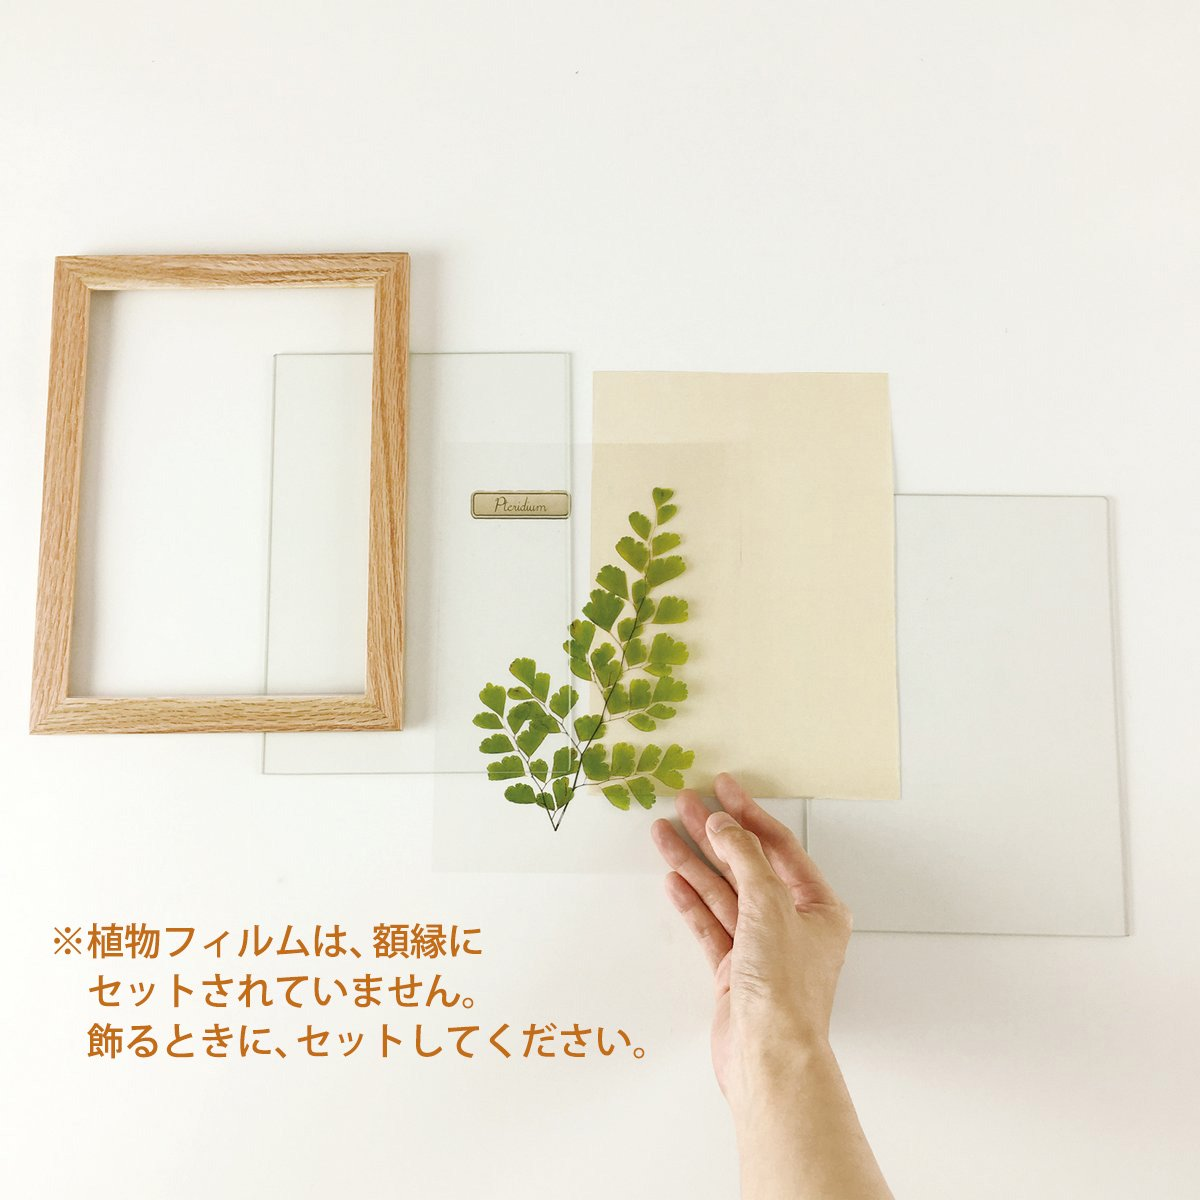 【アートフレーム】ハーバリウムフレーム ユーカリ/ブラウン(壁掛け)